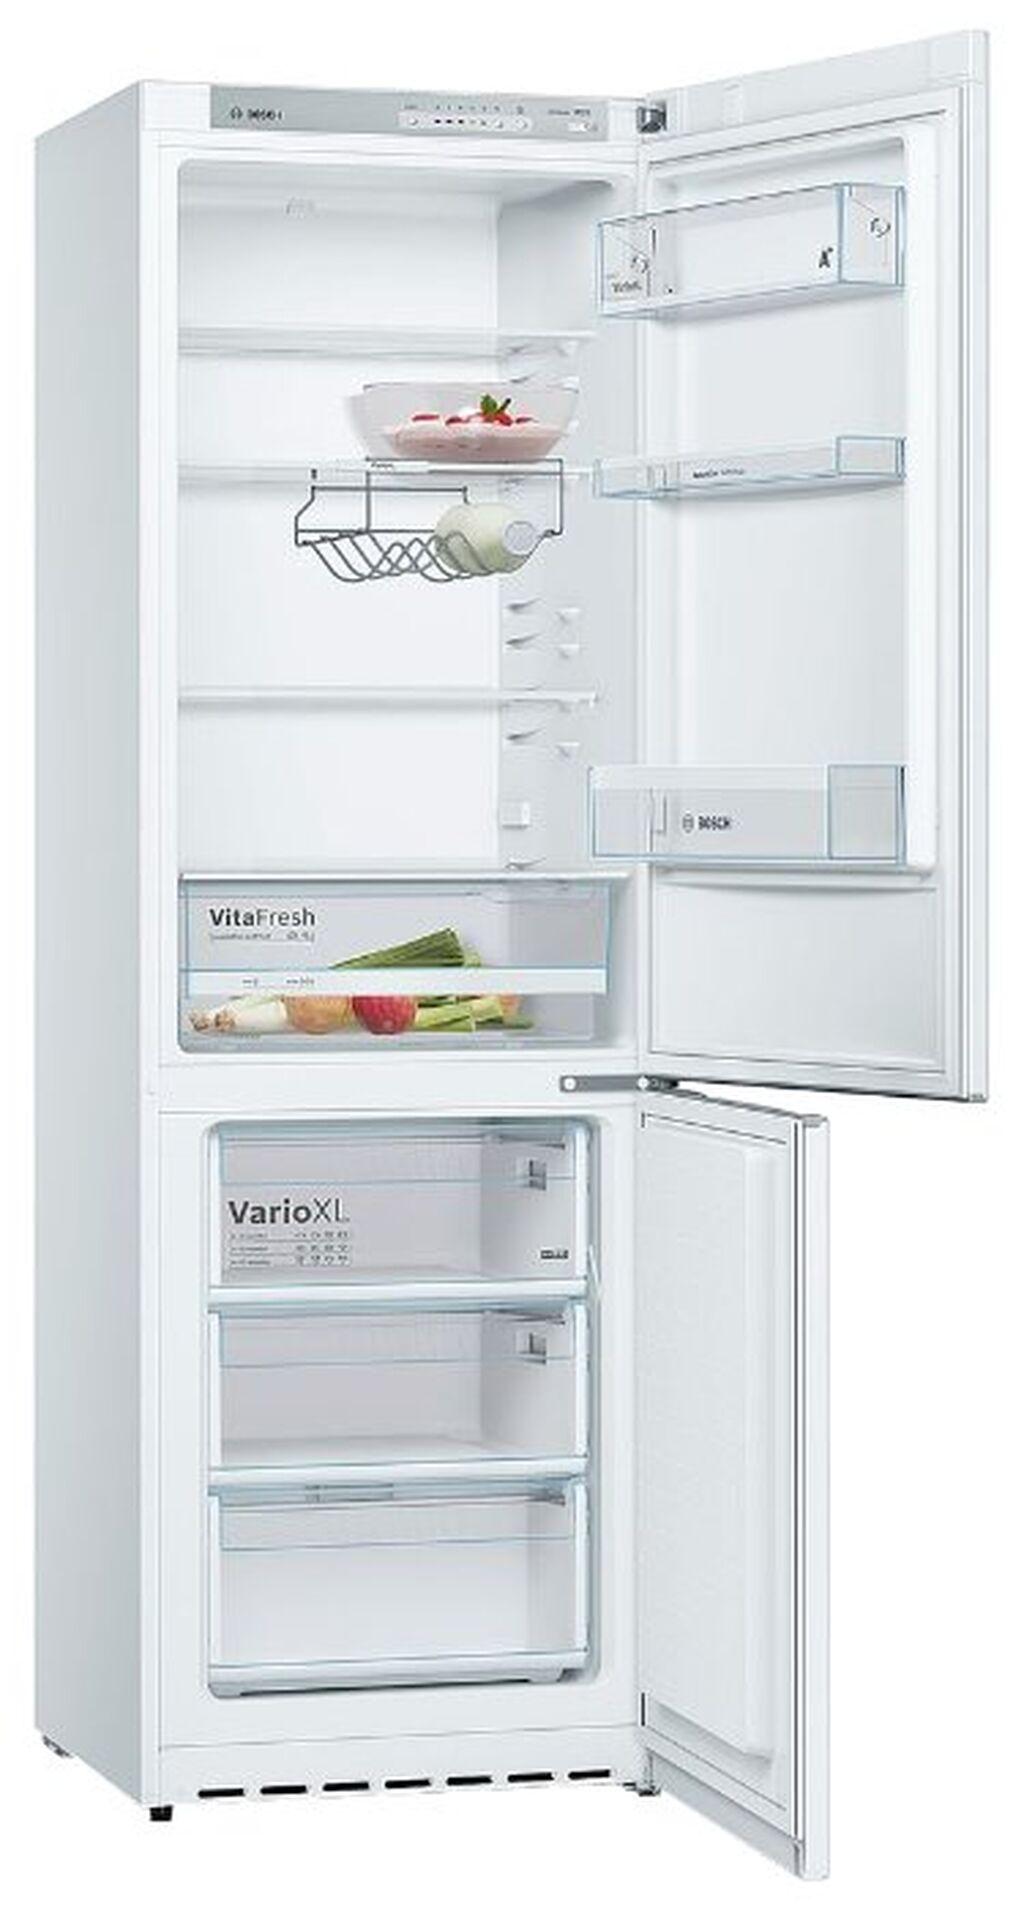 Новый Двухкамерный Белый холодильник Bosch: Новый Двухкамерный Белый холодильник Bosch